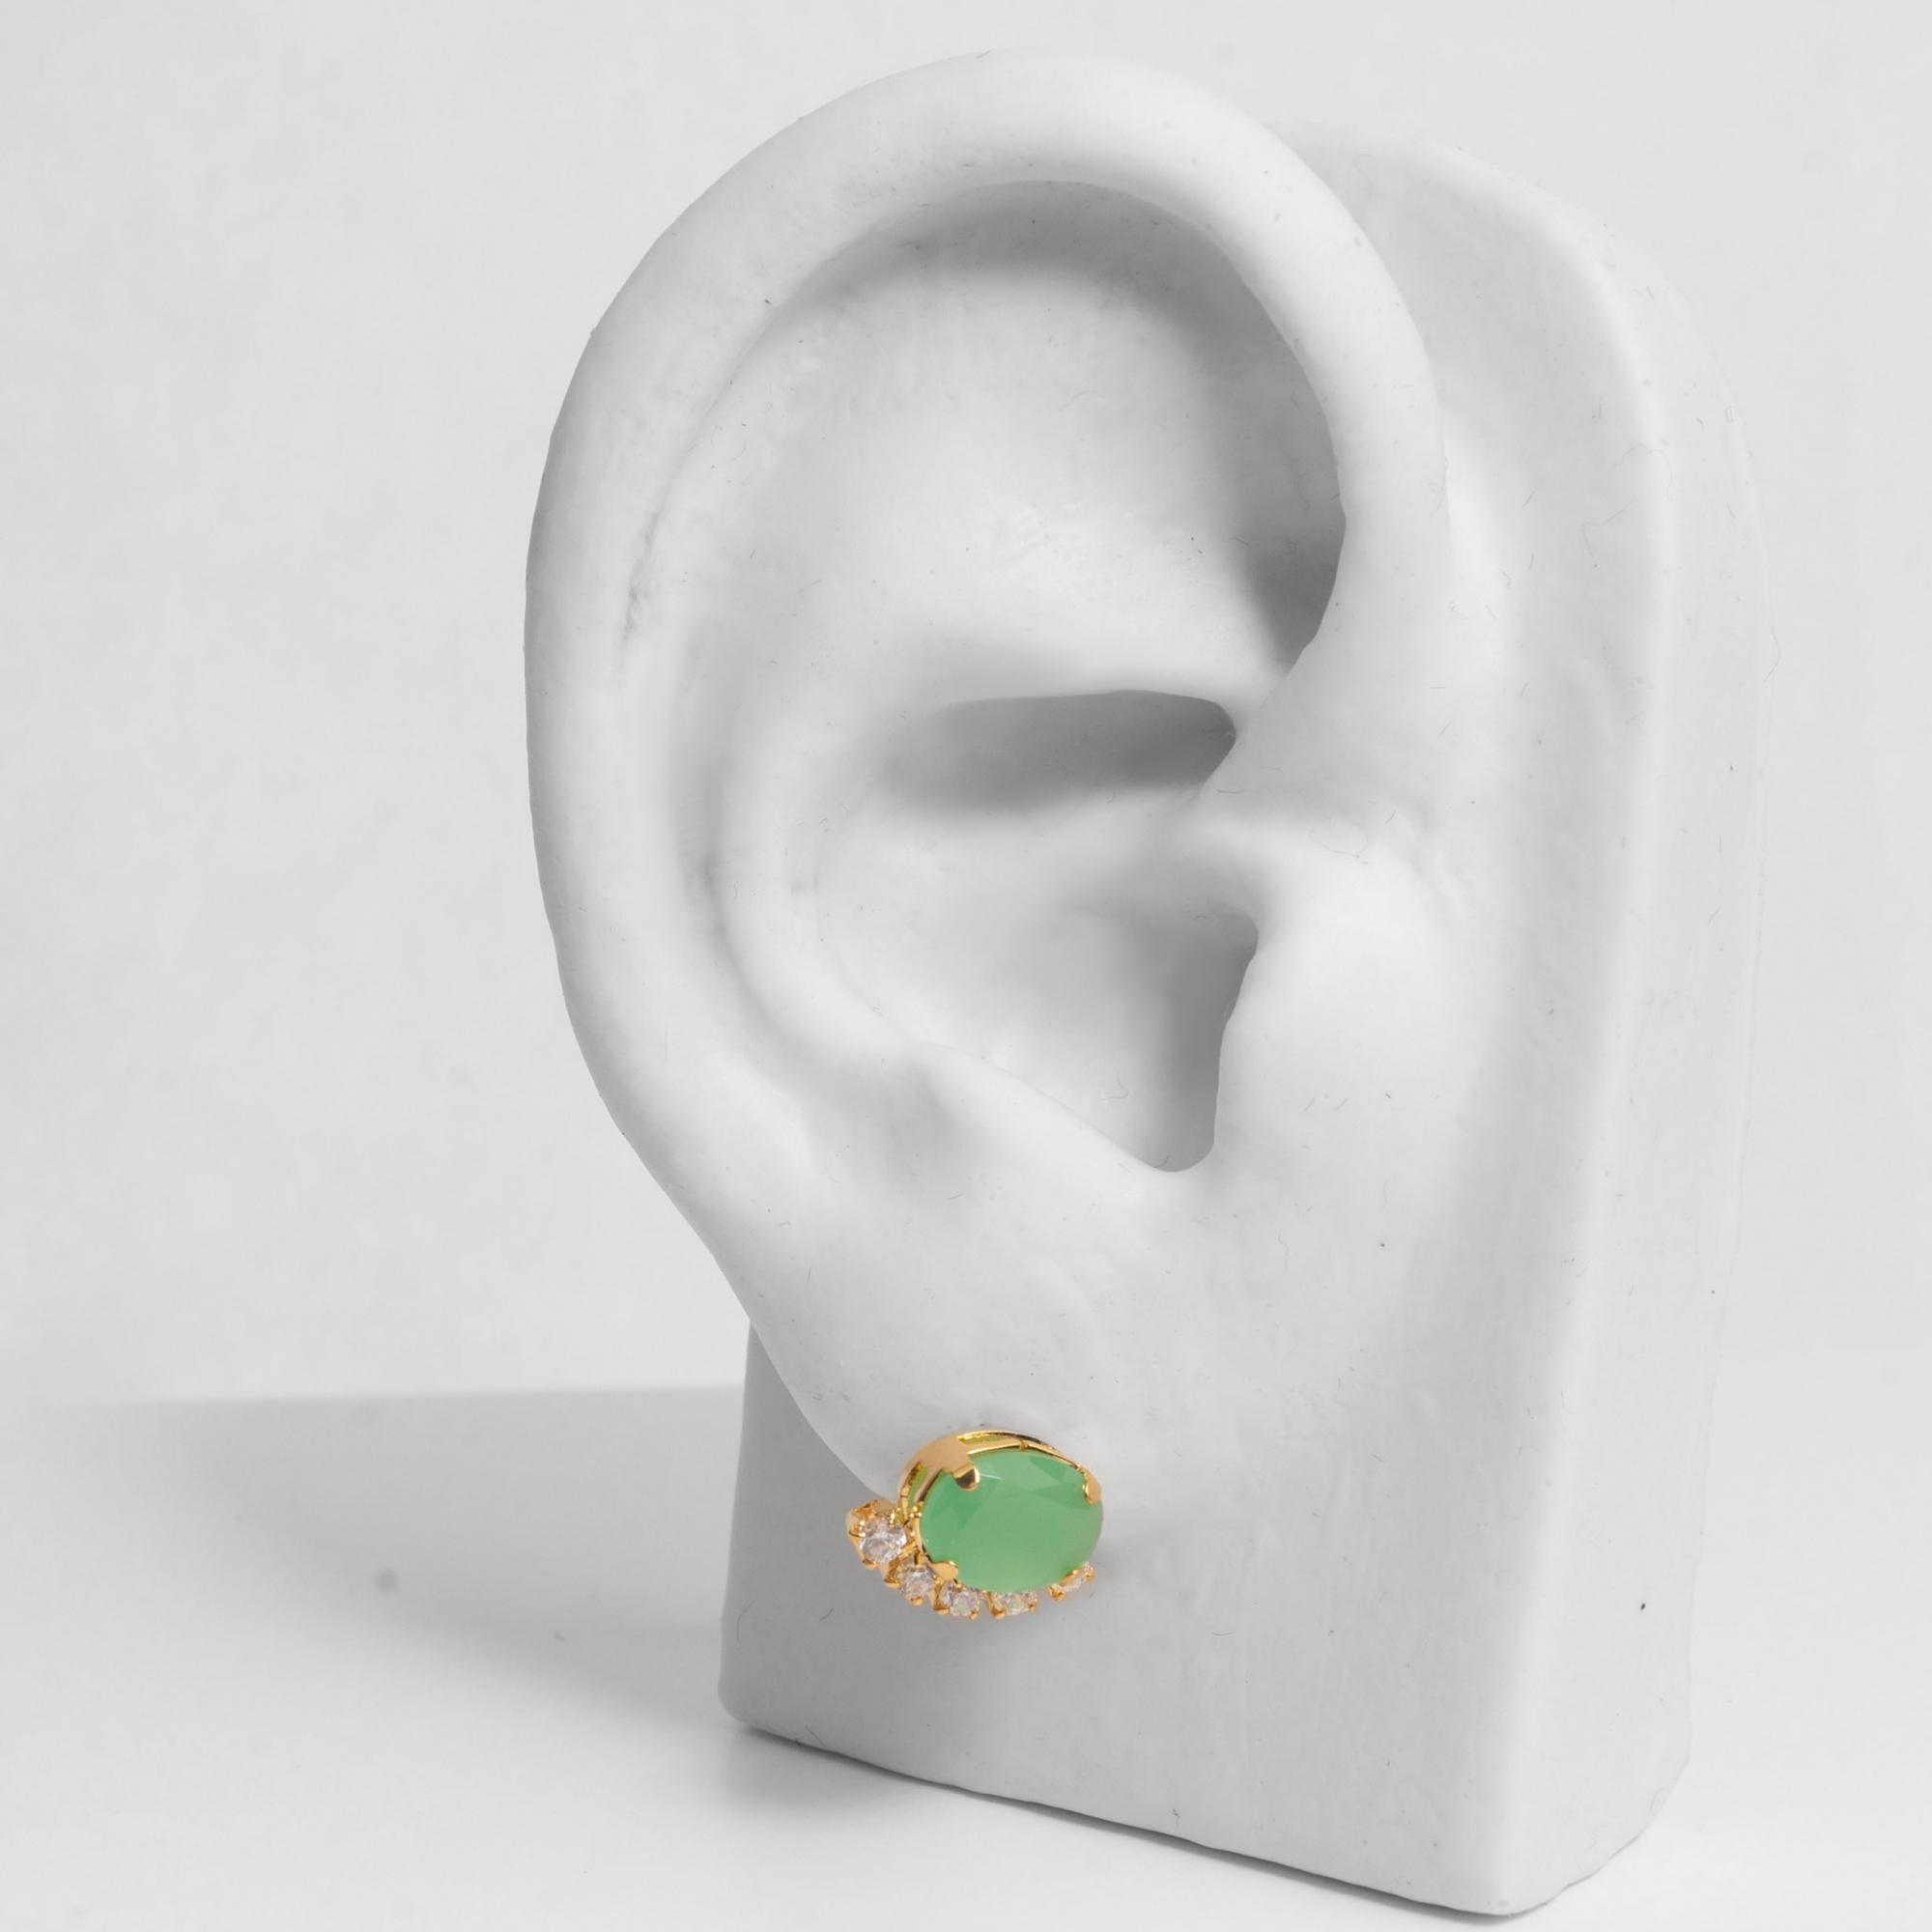 Brinco Pequeno Pedra Oval e Zircônias Folheado a Ouro 18K  - Lunozê Joias